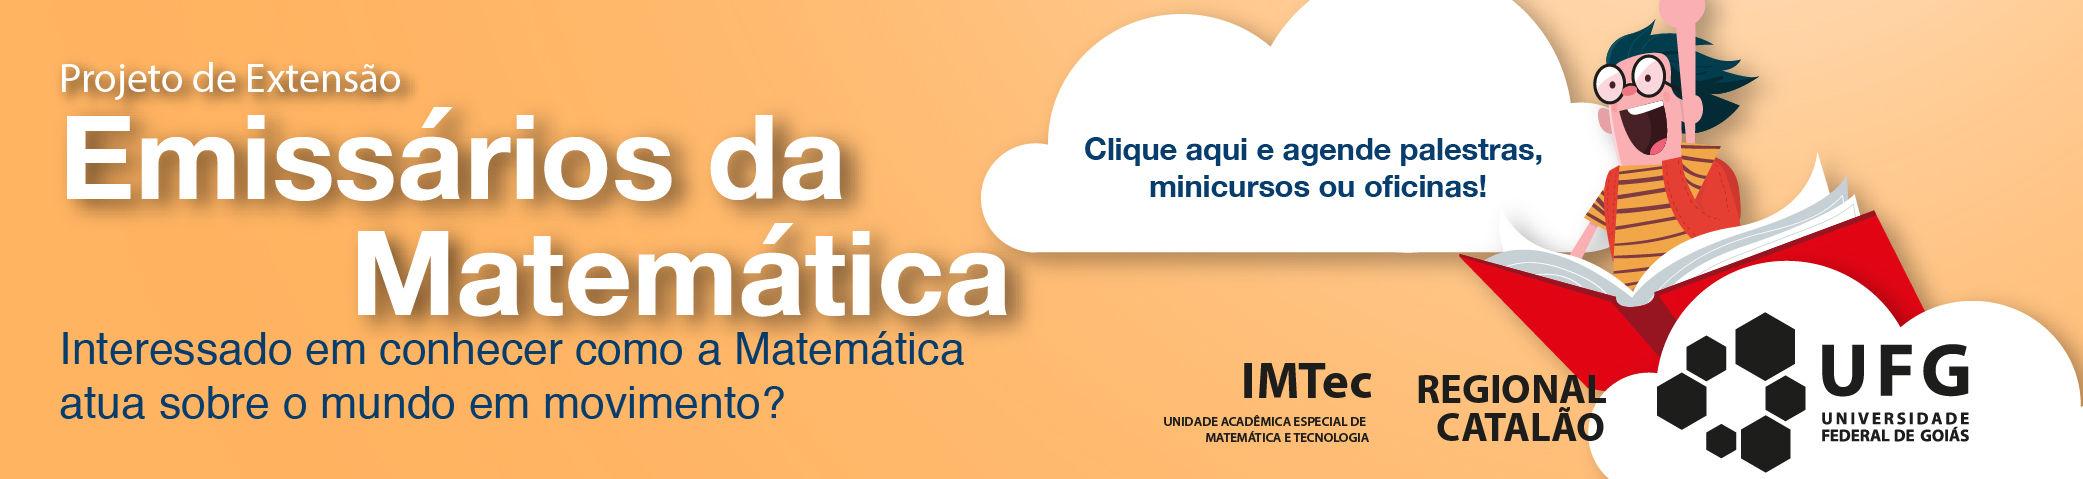 Banner do projeto Emissários da Matemática